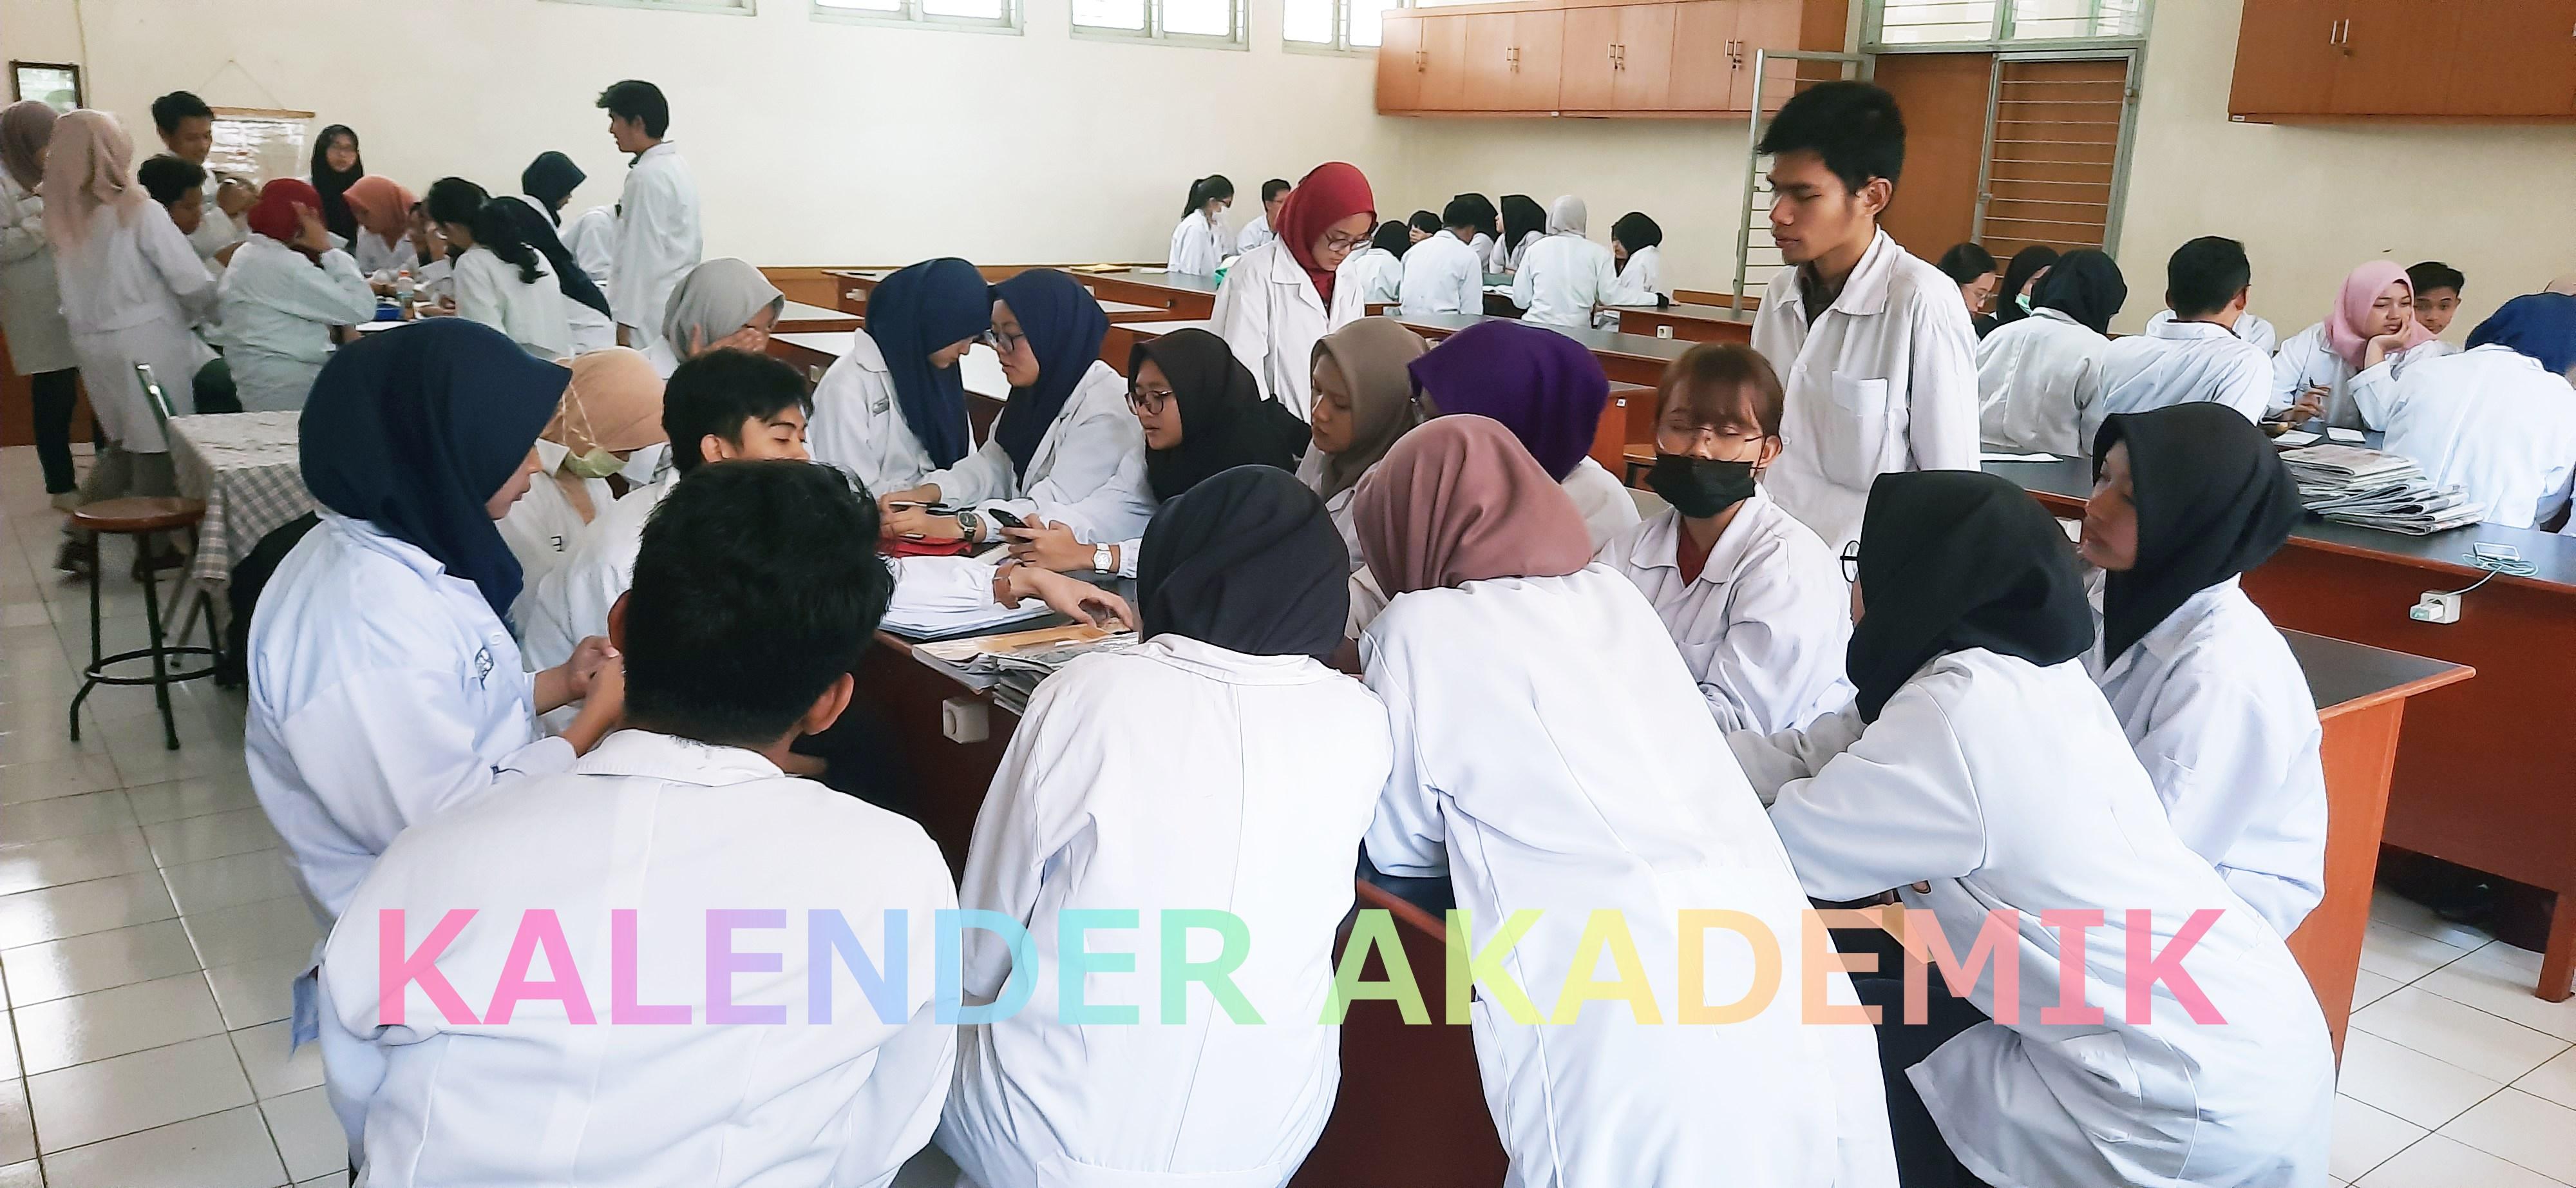 Kalender  Akademik Batas Pelaksanaan  Sidang  & Wisuda  Gel III